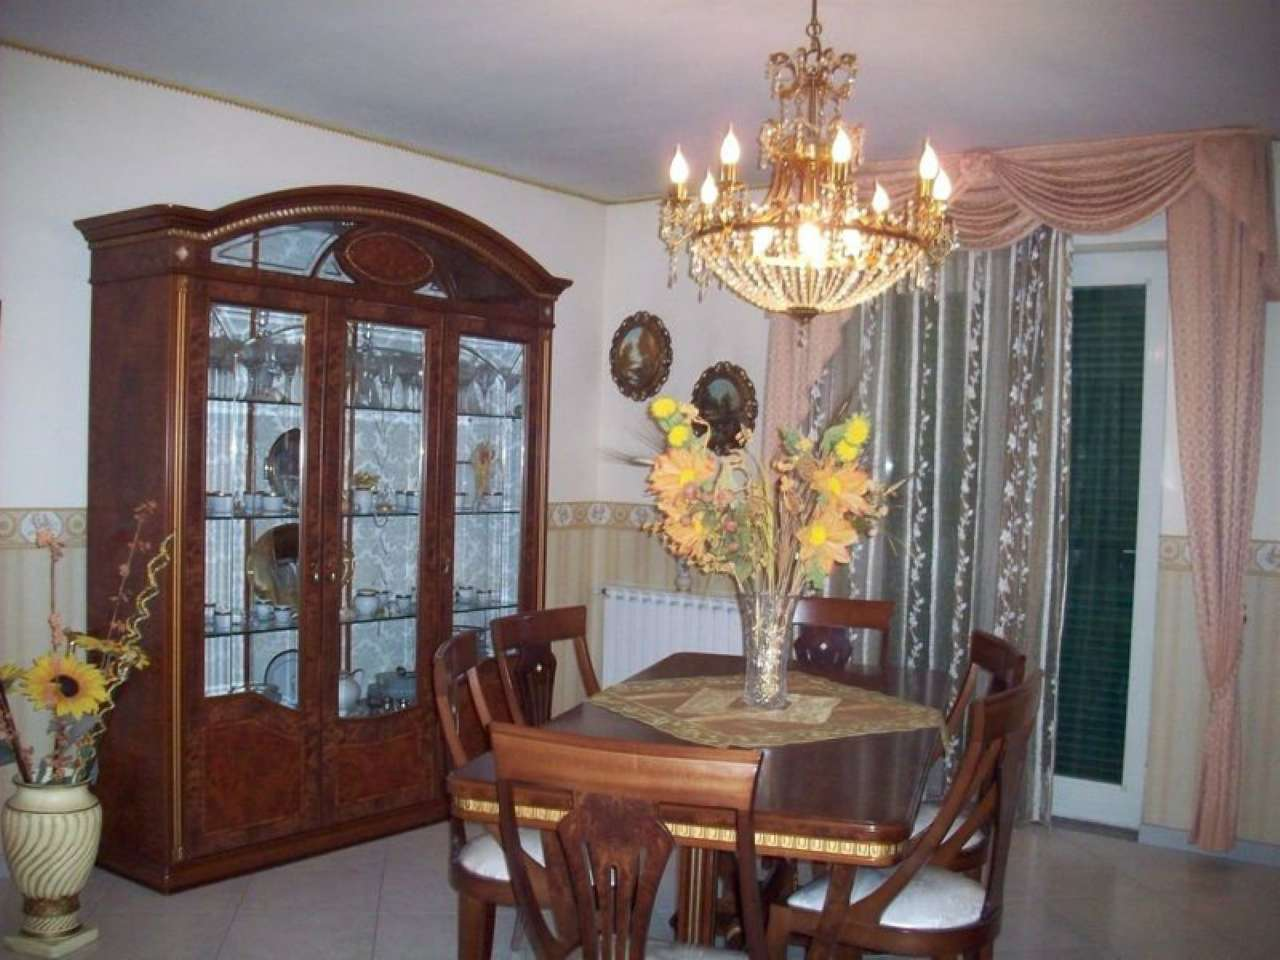 Appartamento in vendita a Giugliano in Campania, 4 locali, prezzo € 175.000 | CambioCasa.it